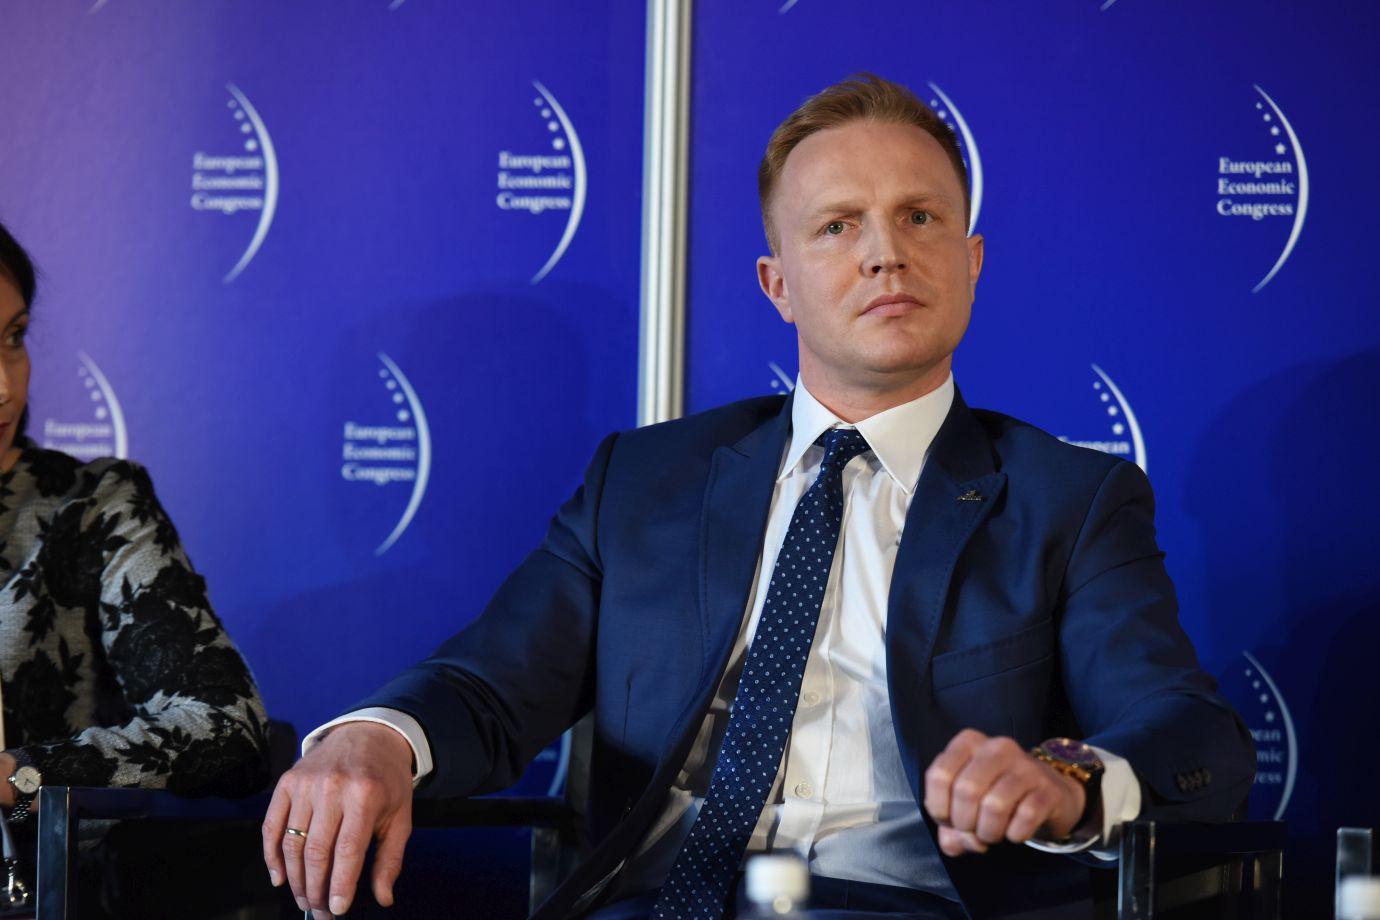 Wiceprezes zarządu ds. rozwoju w PGNiG Łukasz Kroplewski (Fot.: PTWP)